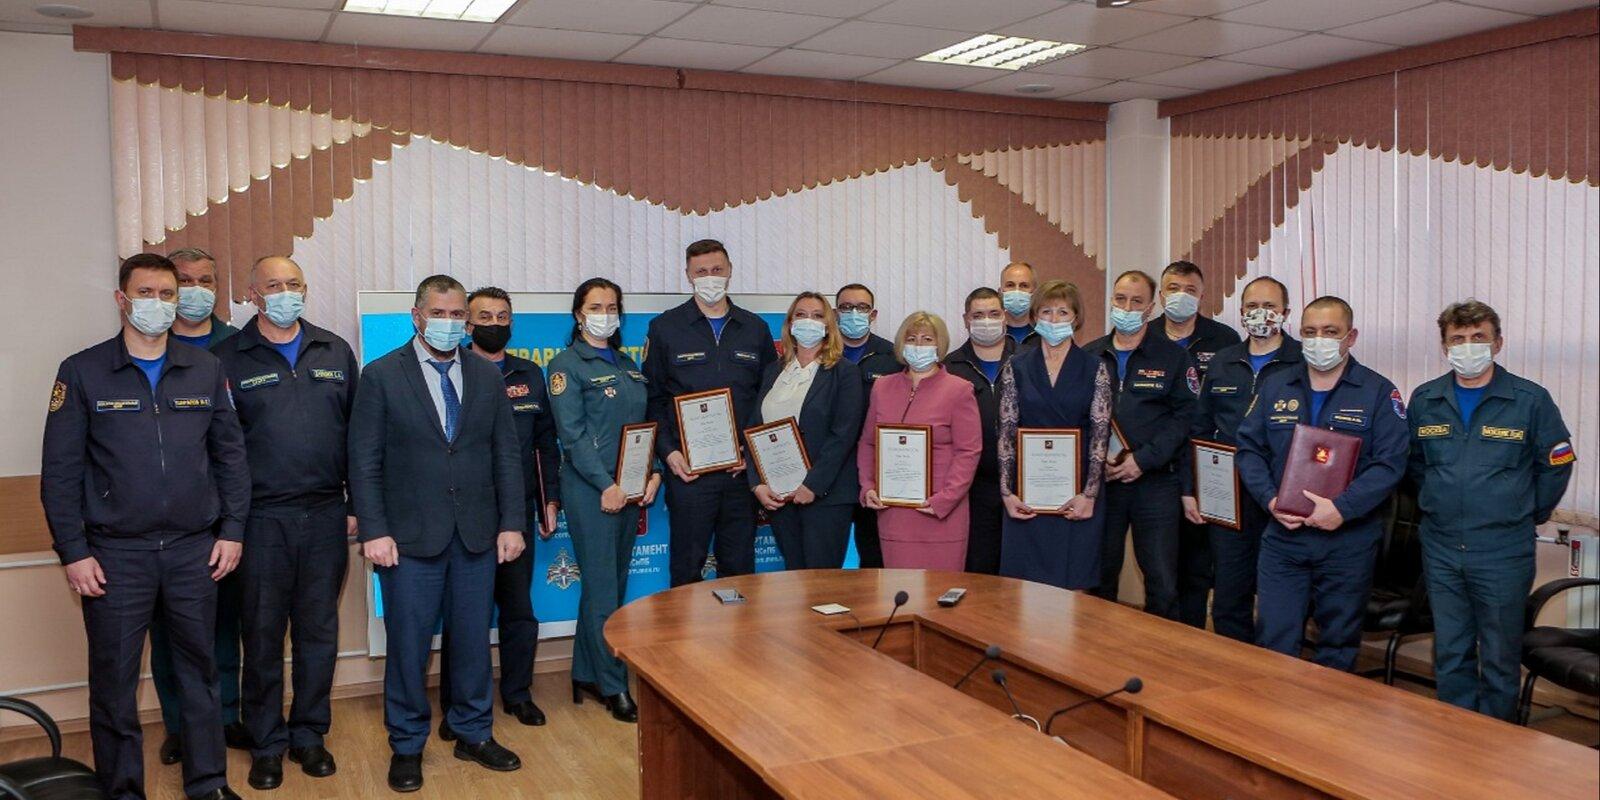 Работа сотрудников Департамента ГОЧСиПБ в период пандемии отмечена Мэром Москвы